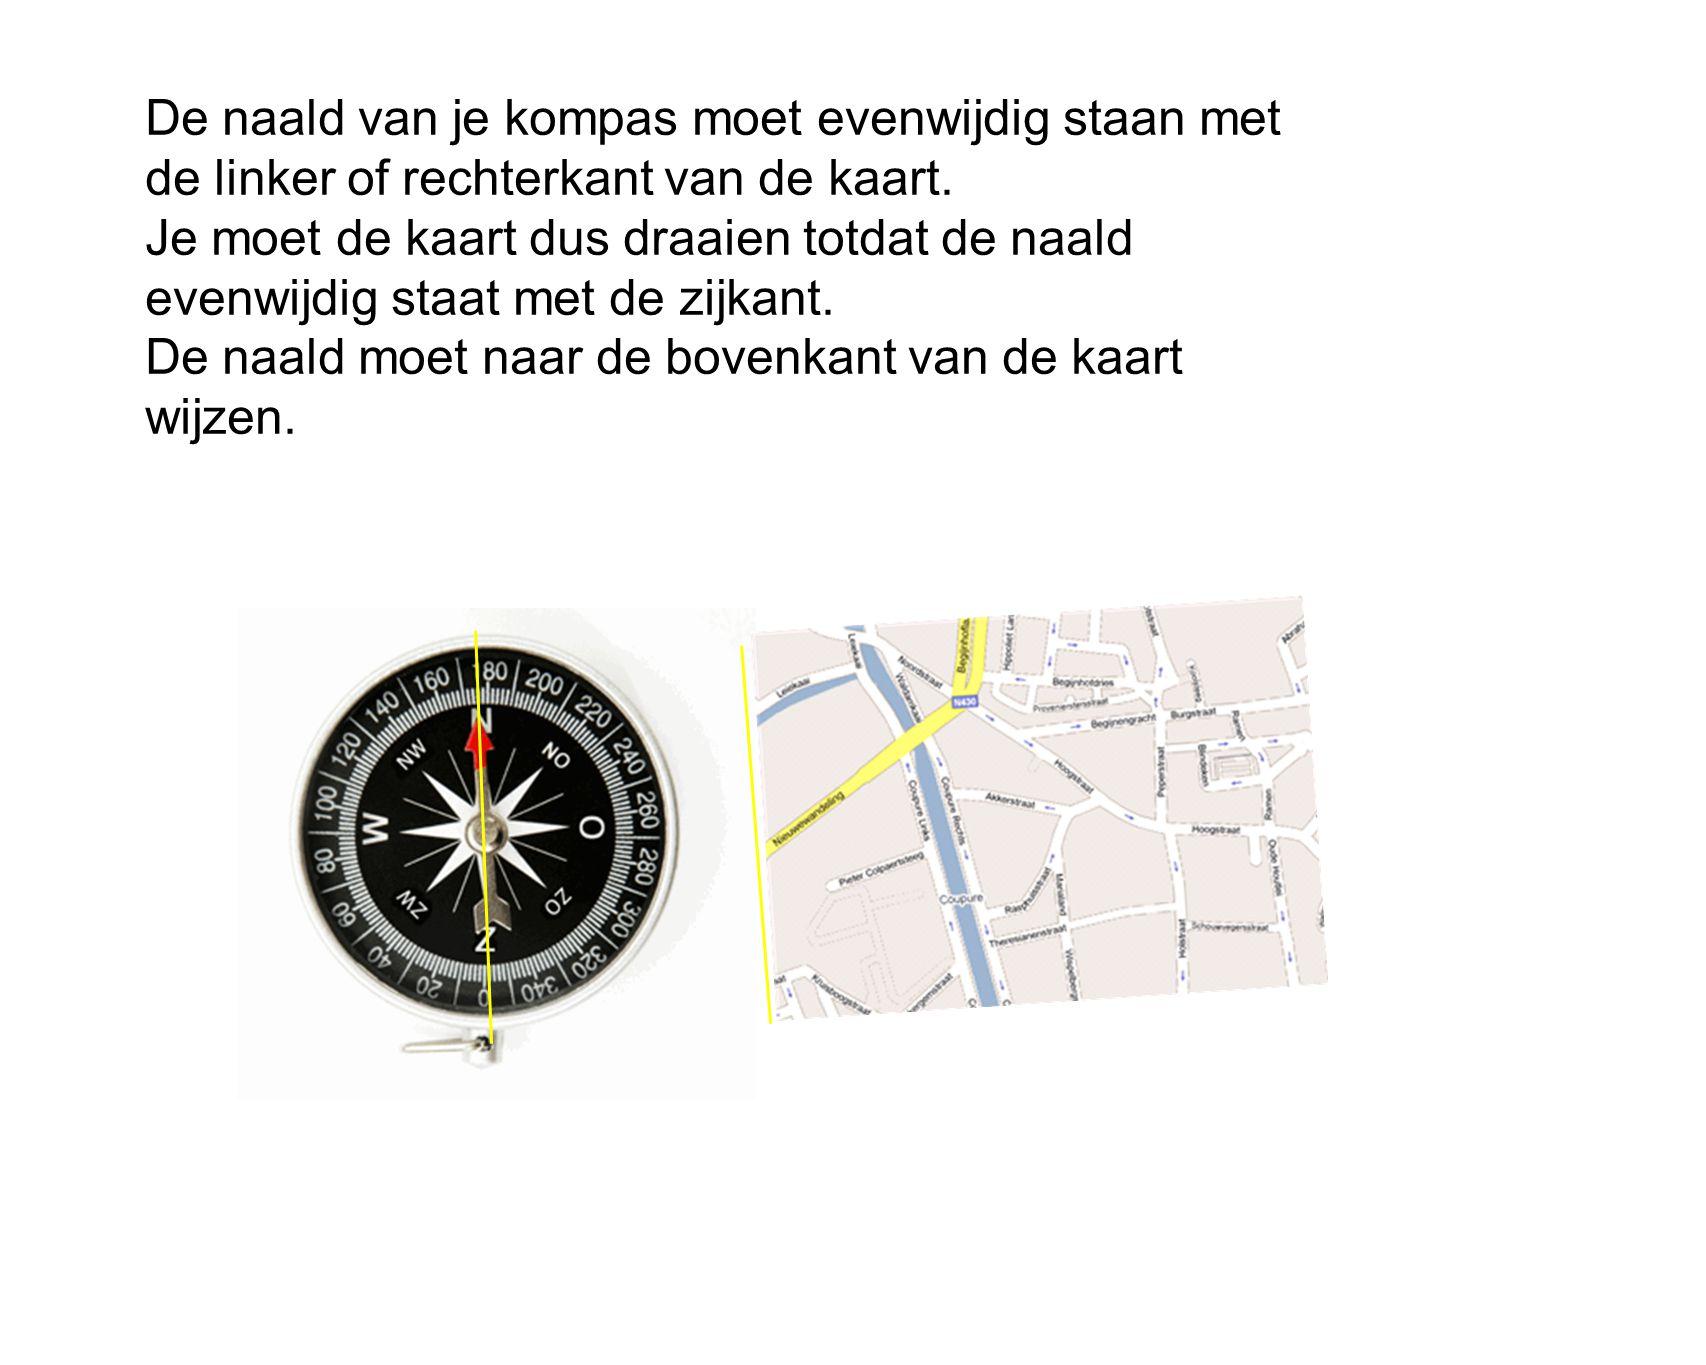 De naald van je kompas moet evenwijdig staan met de linker of rechterkant van de kaart. Je moet de kaart dus draaien totdat de naald evenwijdig staat